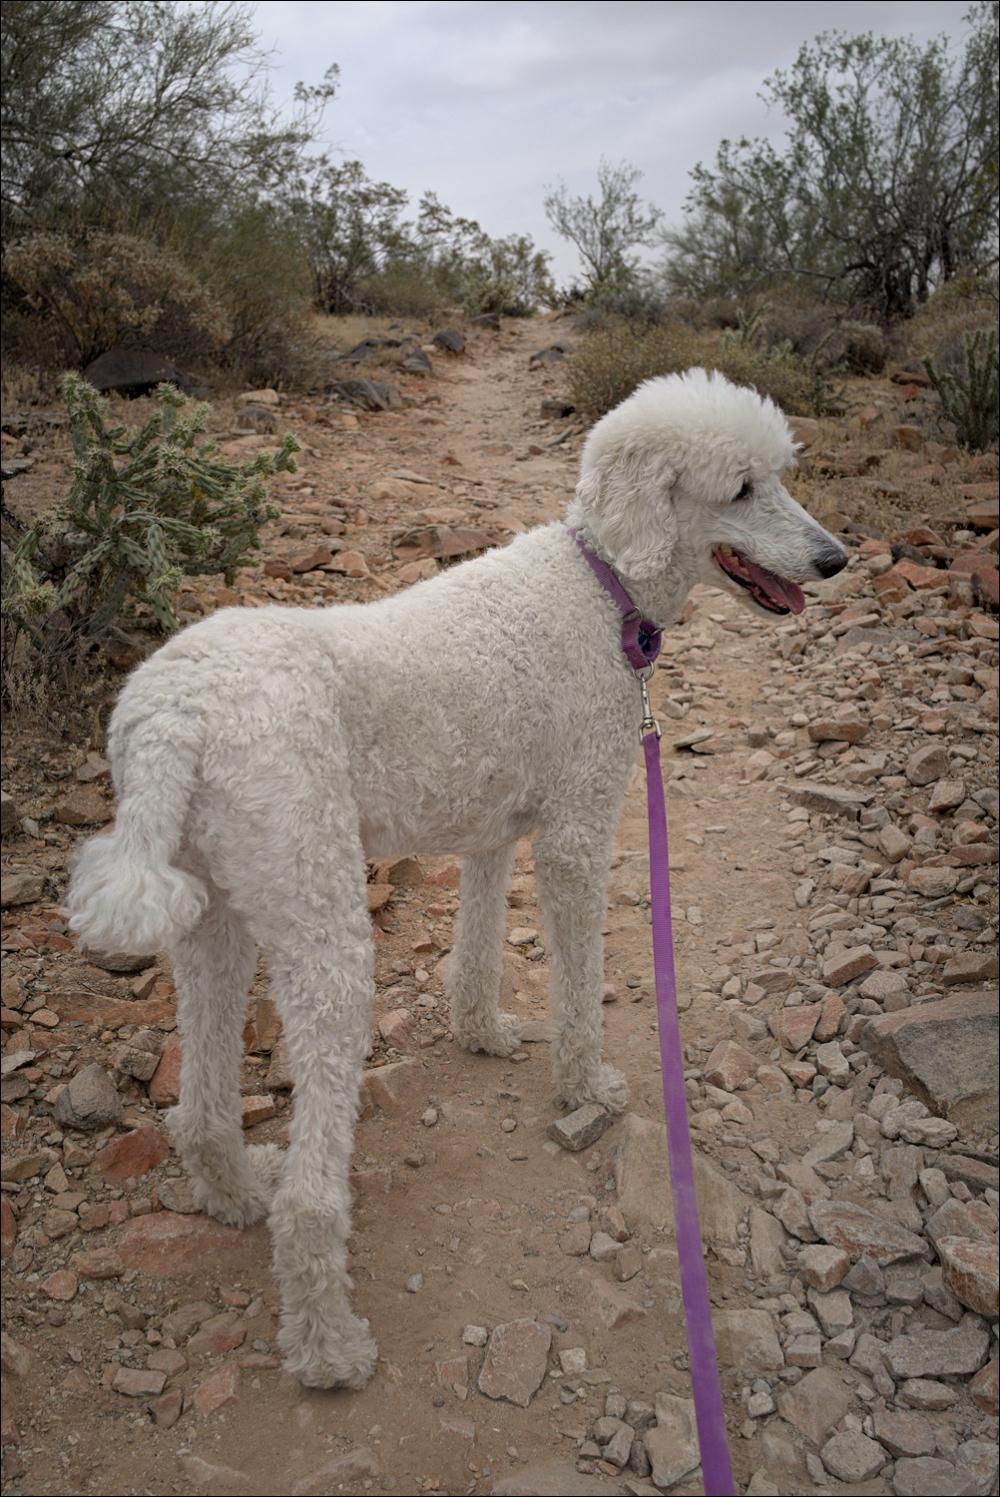 Abby hiking at Lost Dog Wash, No. 2